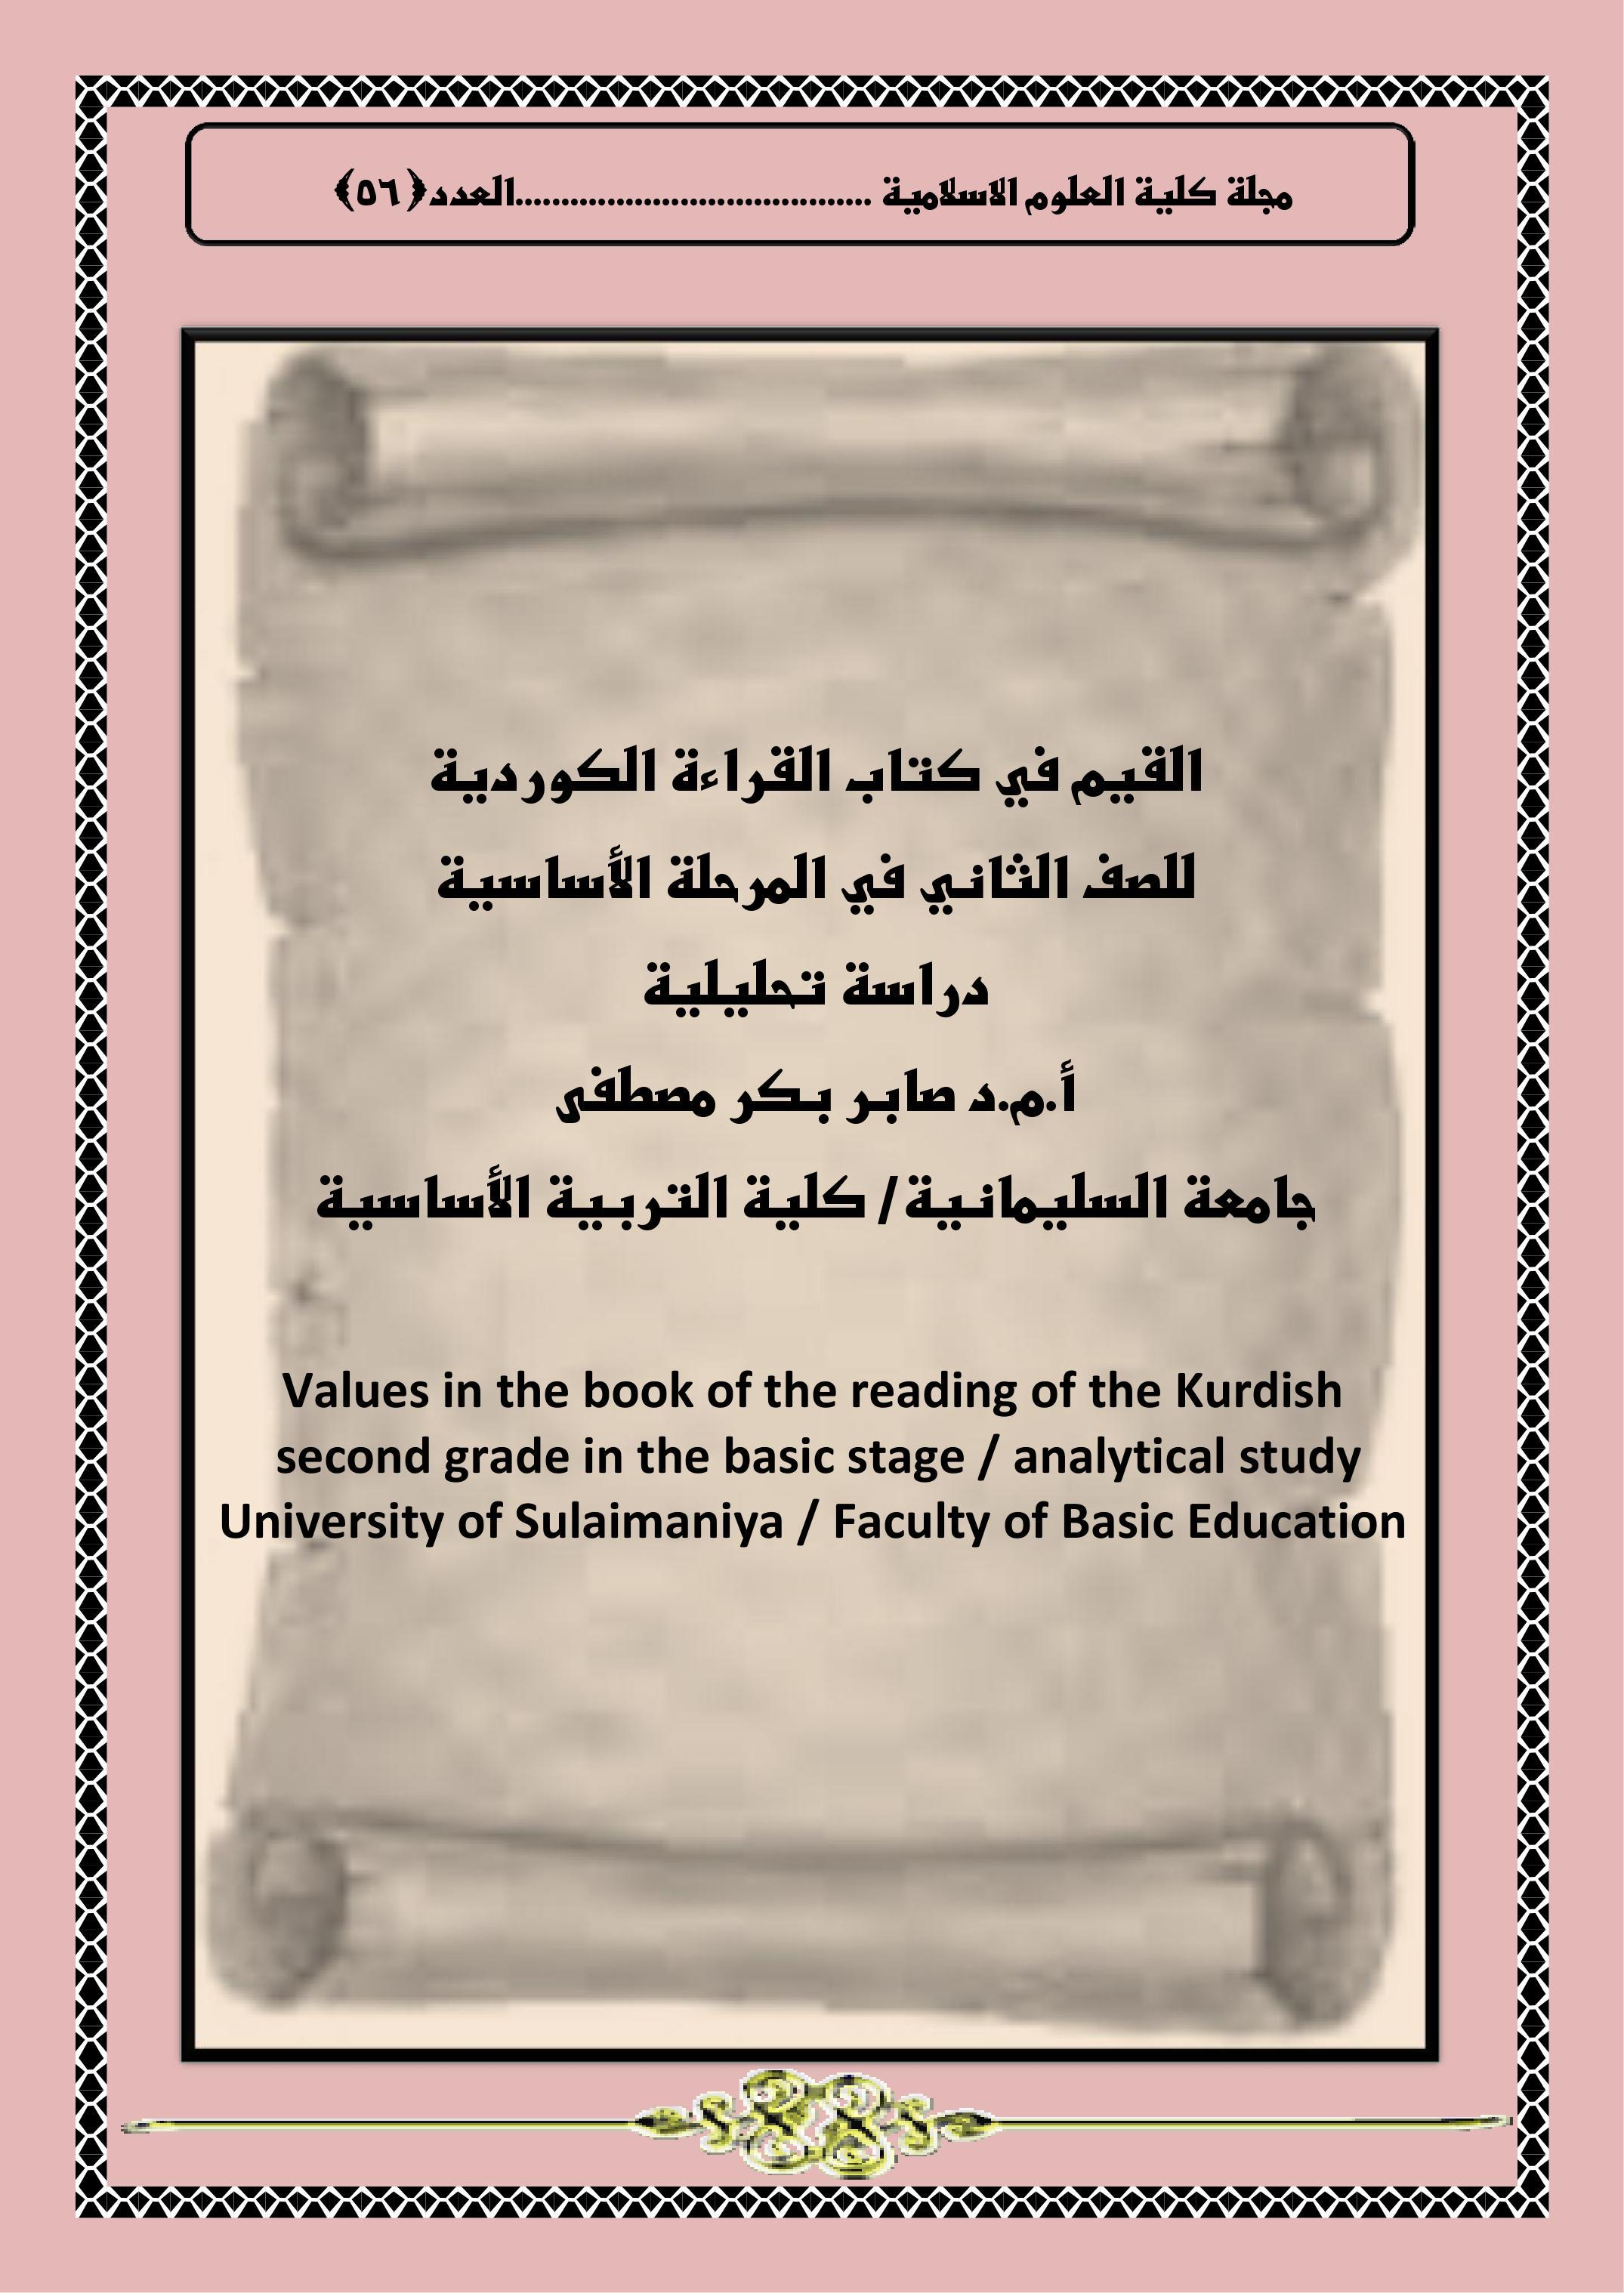 القيم في كتاب القراءة الكوردية  للصف الثاني في المرحلة الأساسية دراسة تحليلية